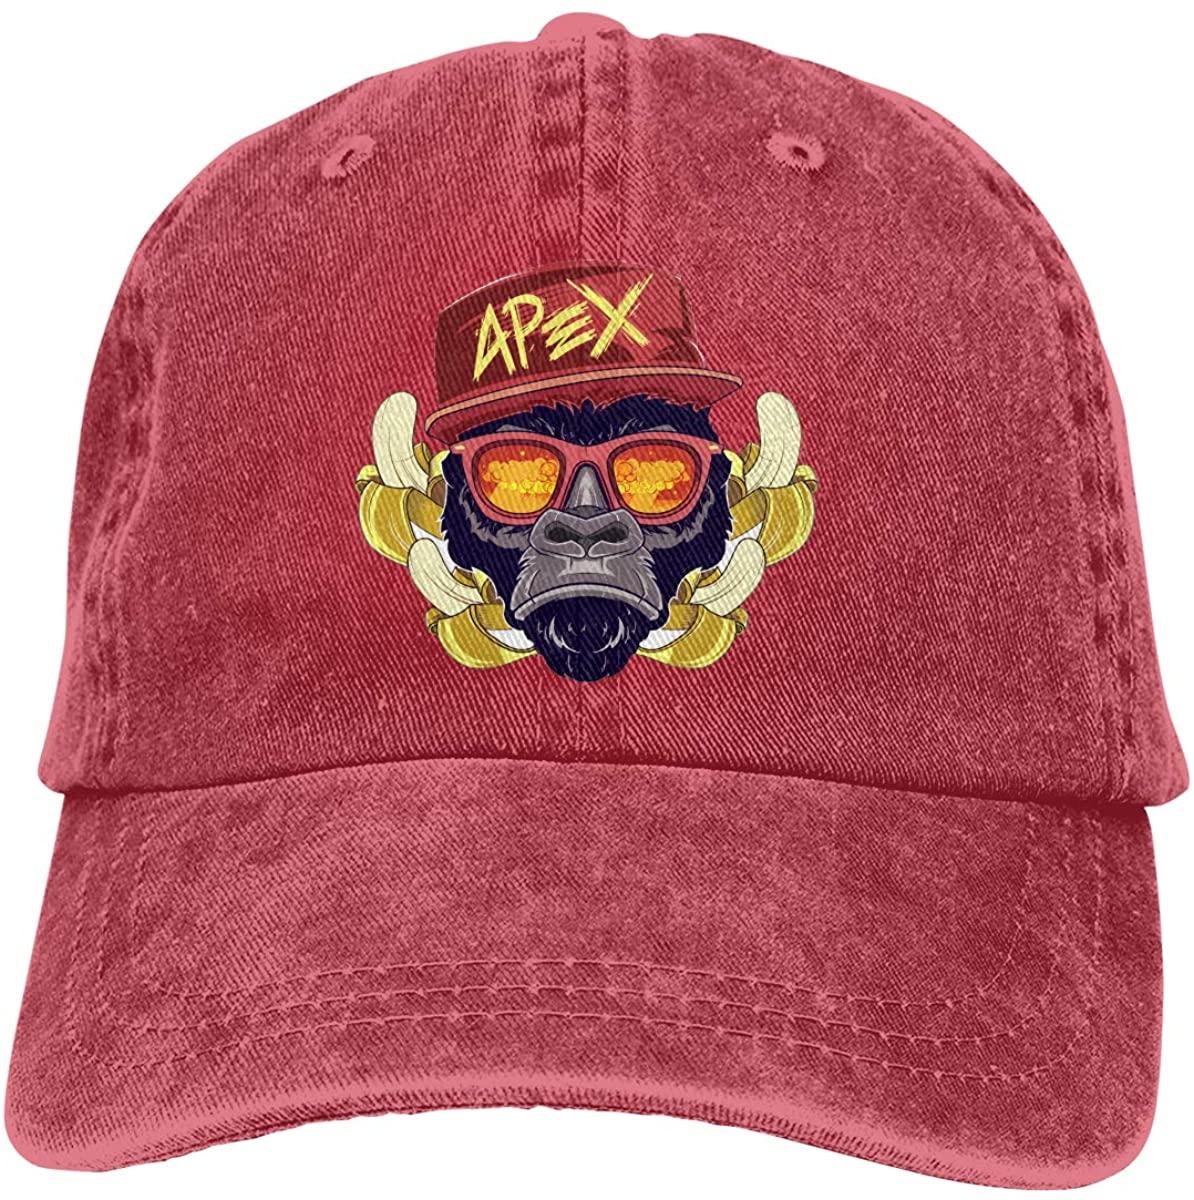 Funny Monkey and Banana Swagg Ape Stylish Gorilla Baseball Cap Unisex Washable Cotton Adjustable Dad Hat Trucker Hat